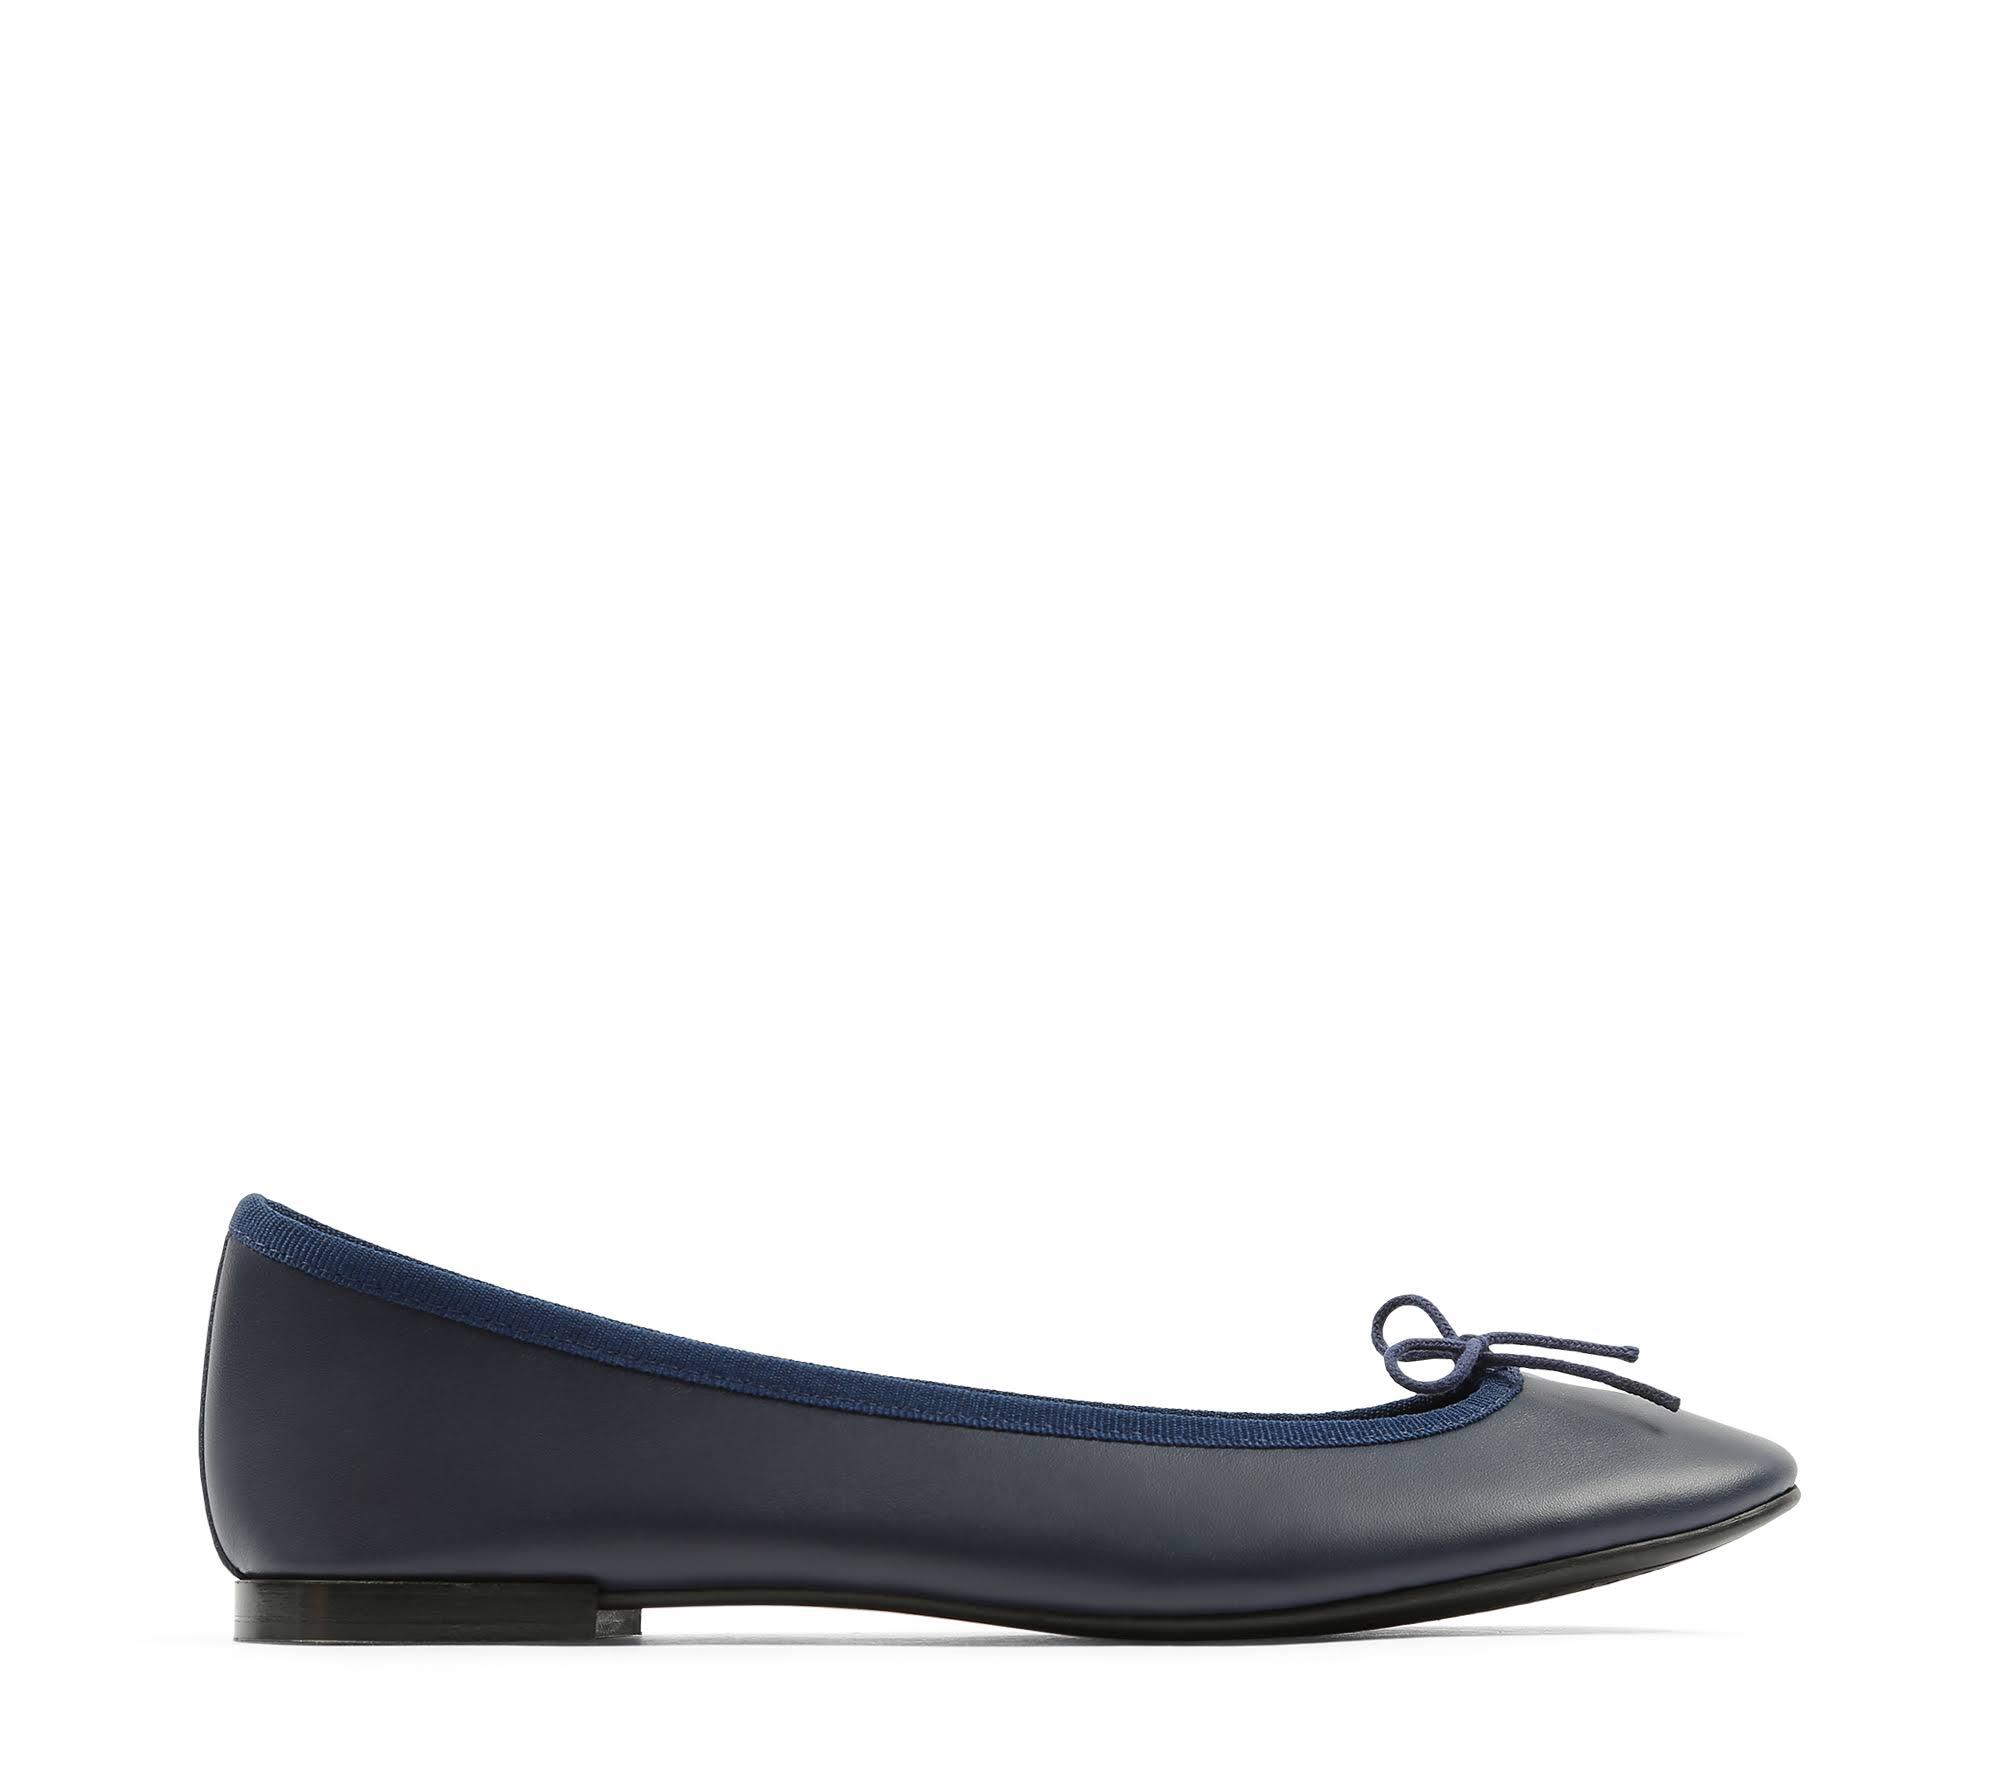 Lili Zapatos Para us Classique 5 5 Repetto Mujer Classic Blue 36 M xtUqrtH